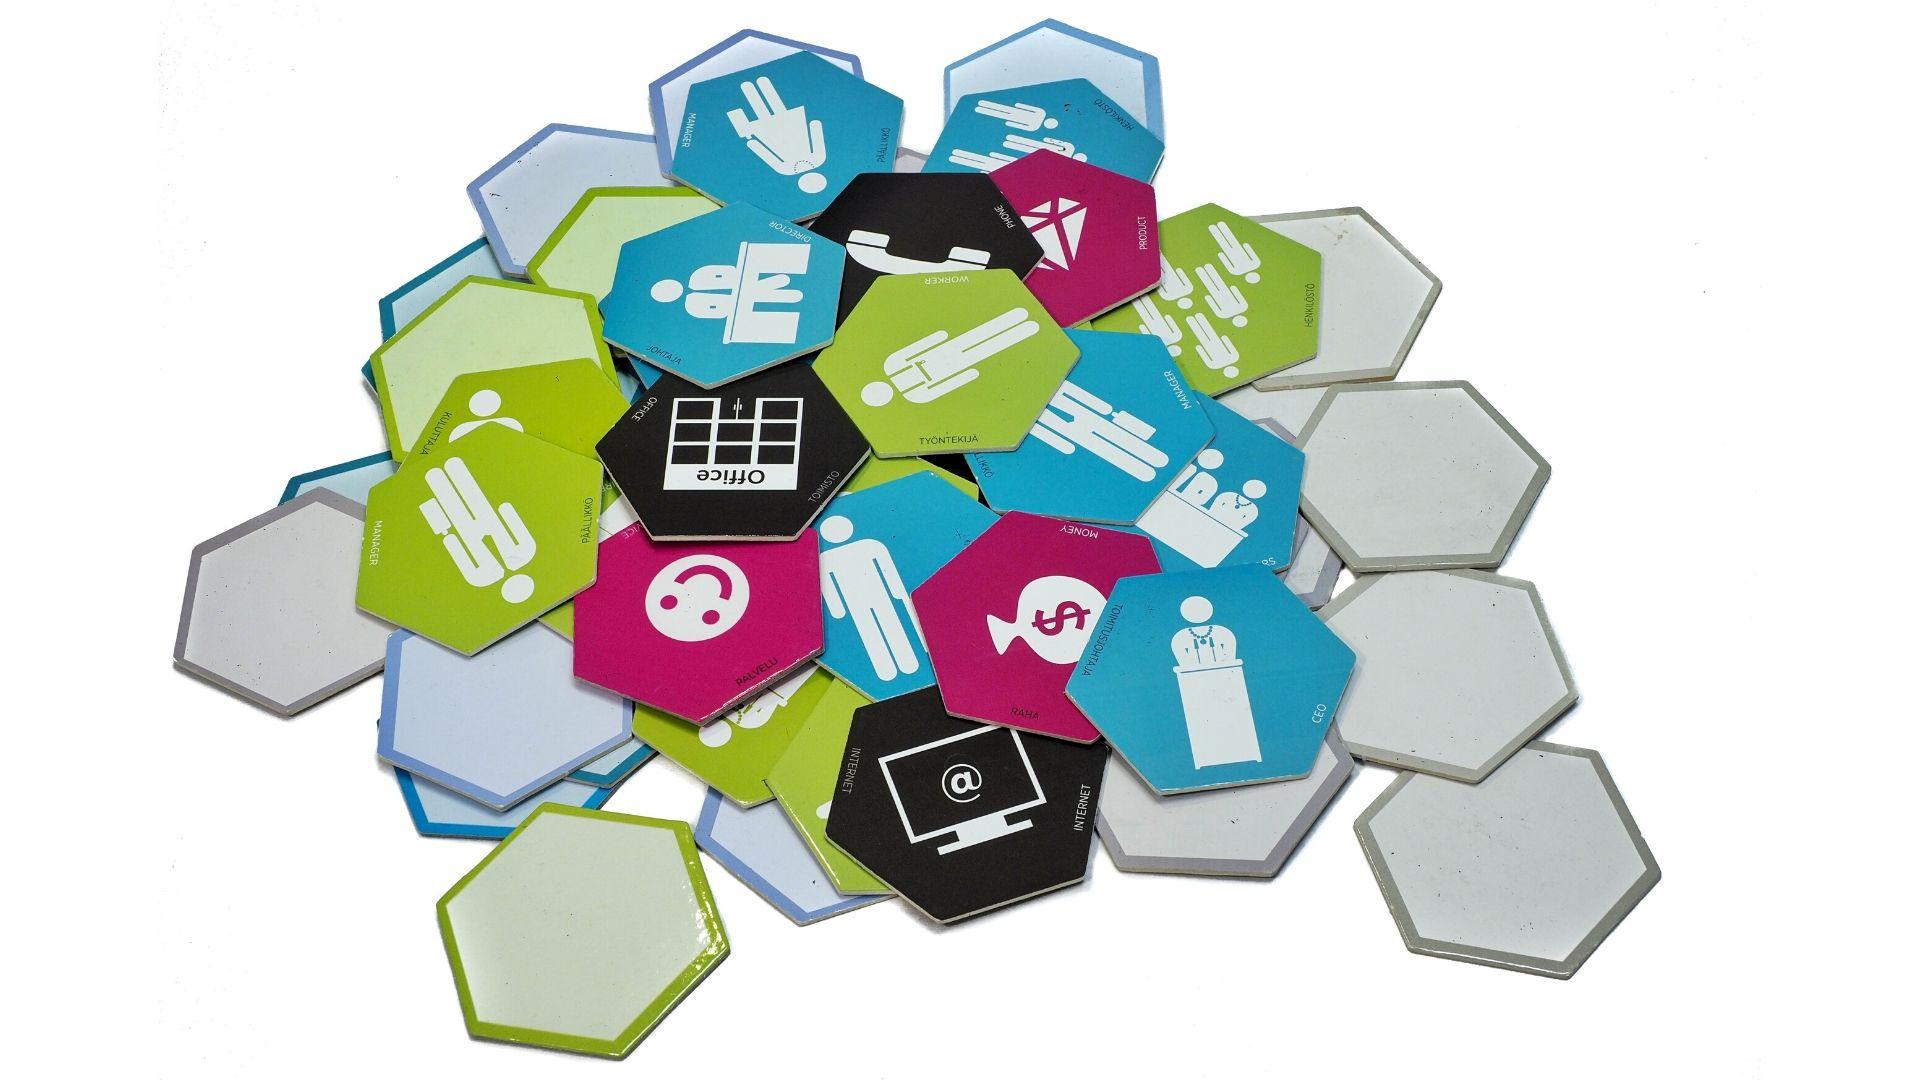 Palveluiden kehitys valmistavan teollisuuden PK-yrityksissä